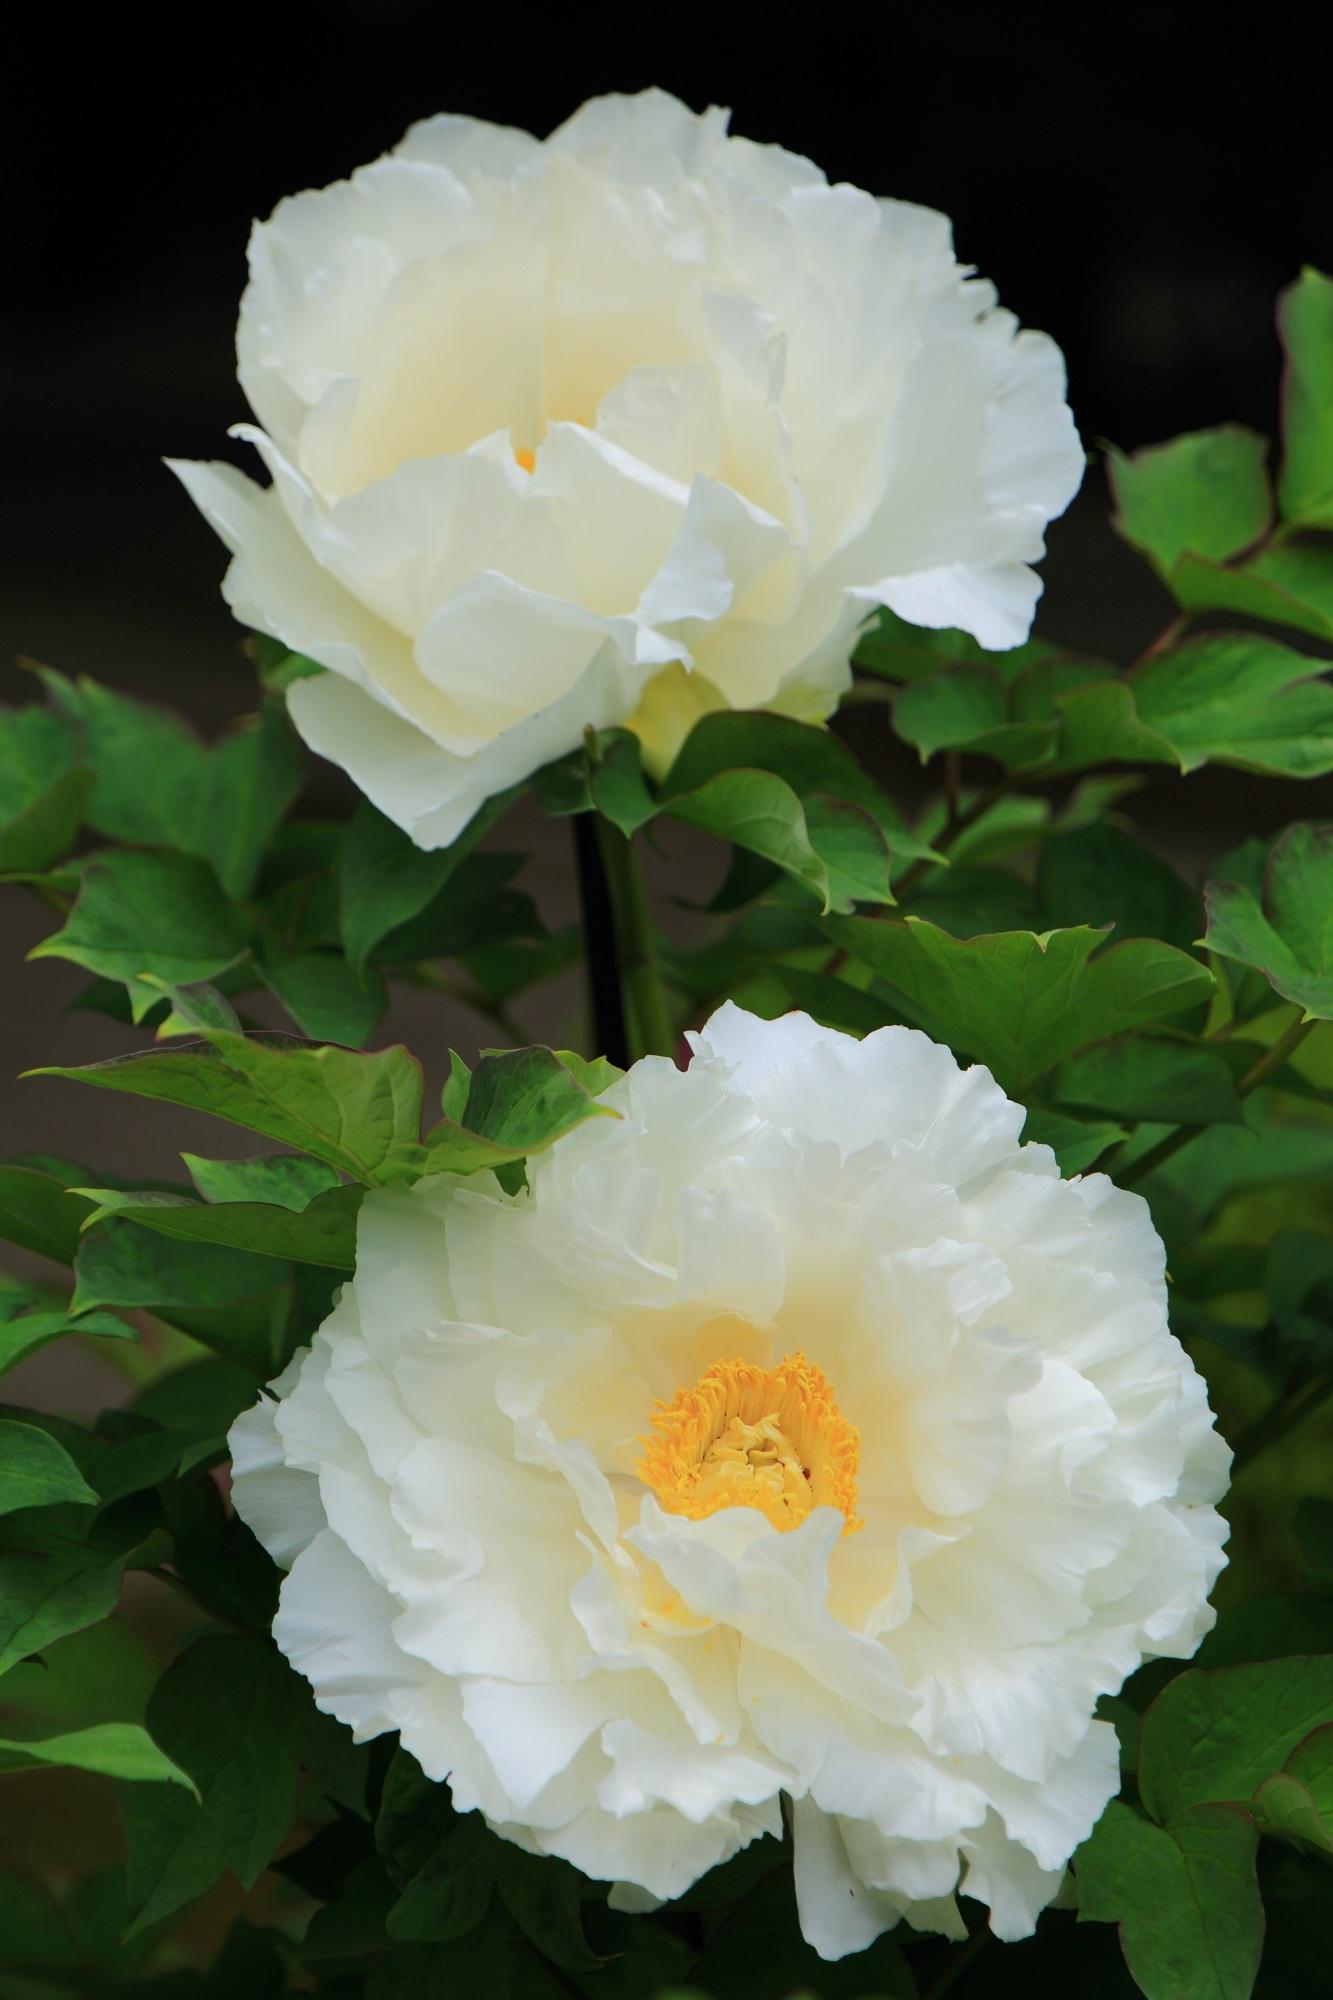 牡丹の名所の本満寺の大輪の牡丹の花